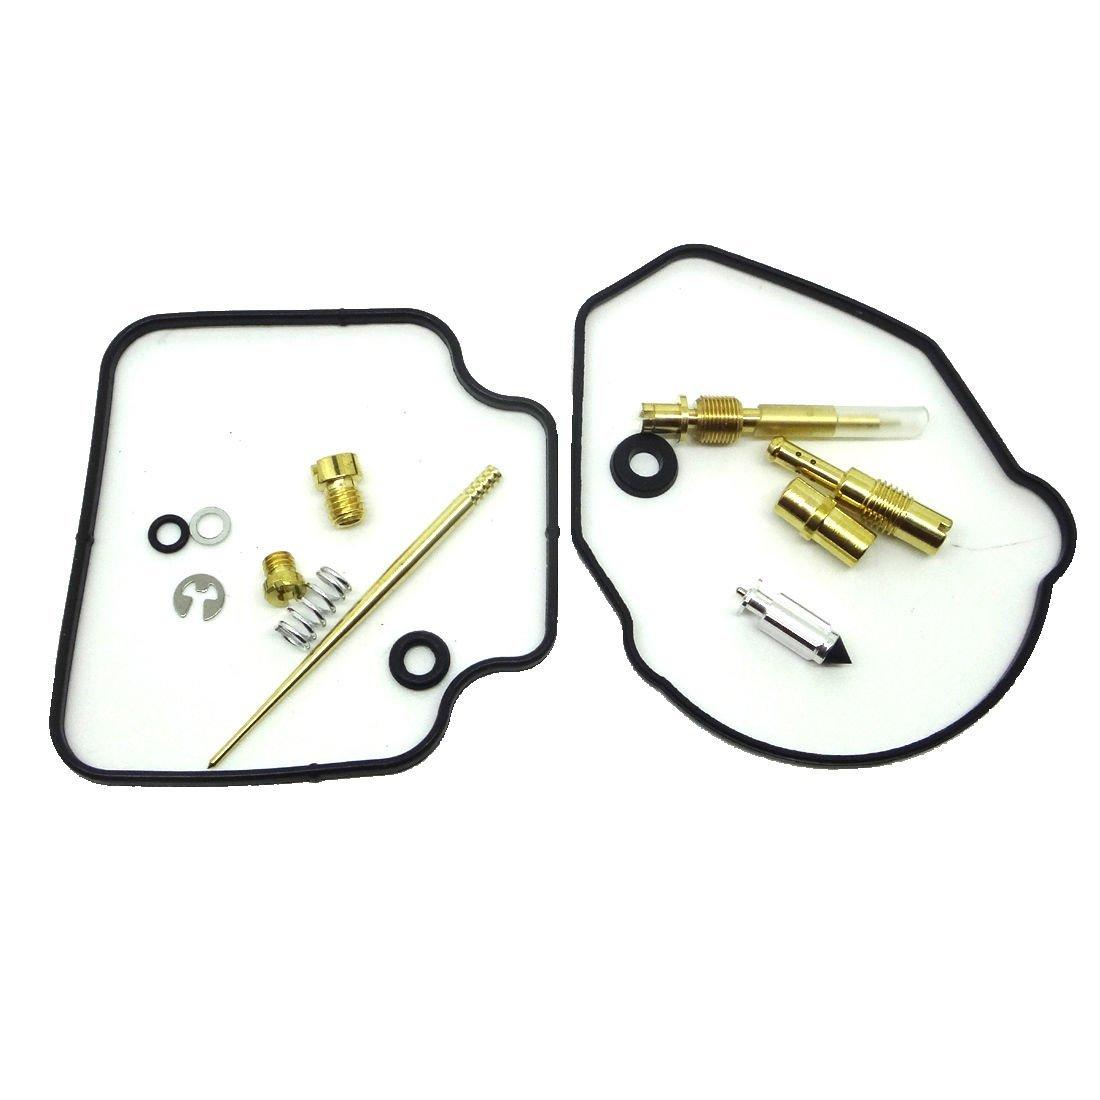 Buy Carburetor Carb Repair Rebuild Kit